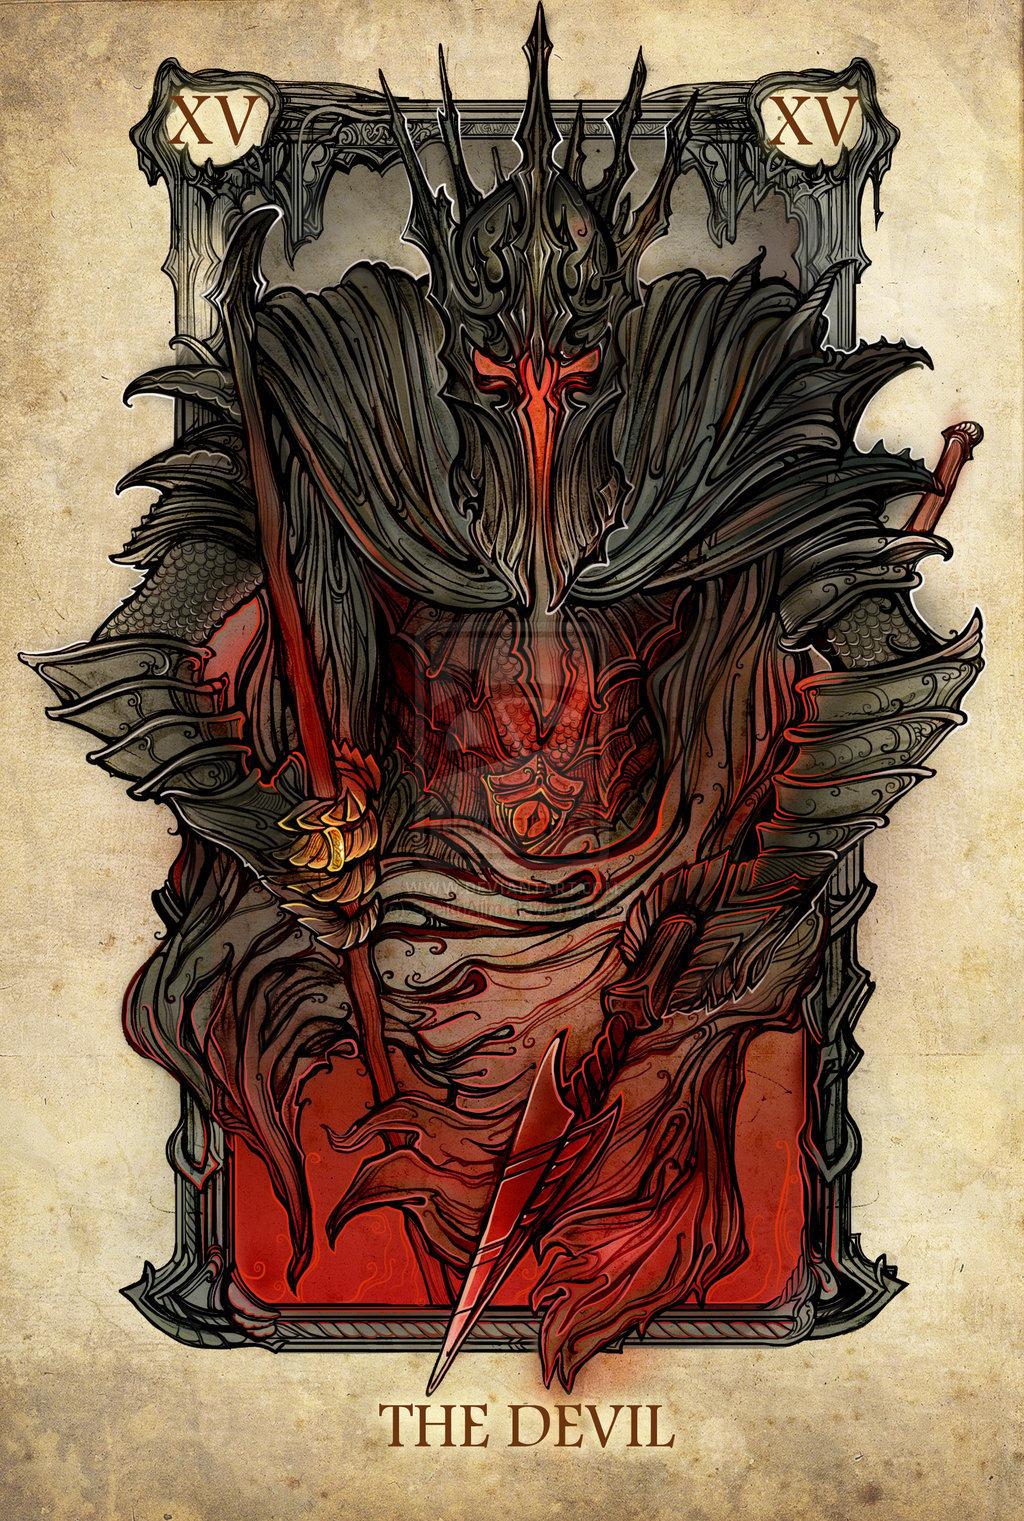 tarot__the_devil_by_sceithailm-d6n6nb5